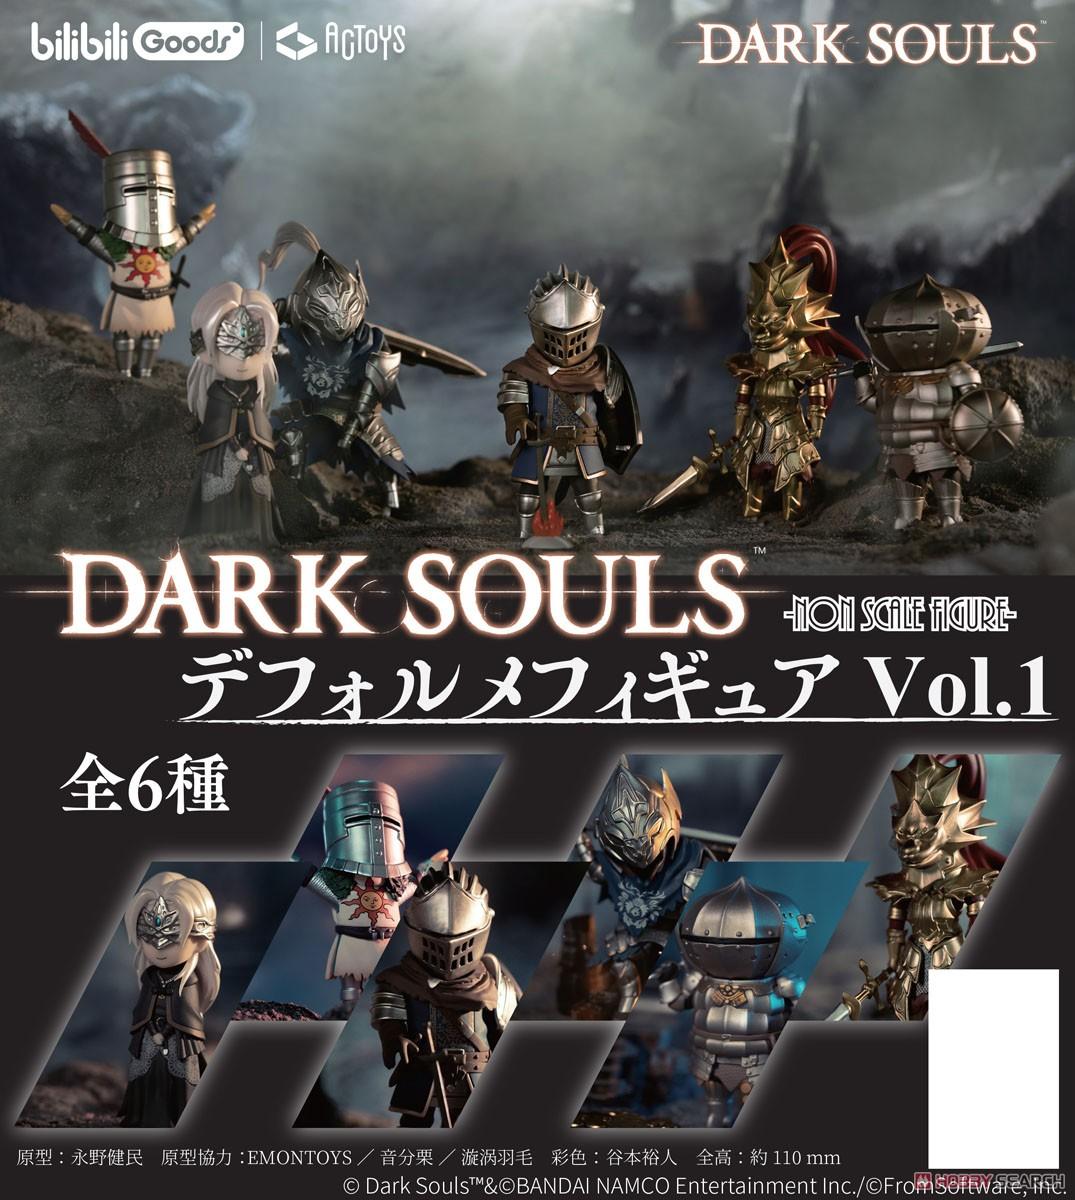 ダークソウル『DARK SOULS(ダークソウル)デフォルメフィギュア Vol.1』6個入りBOX-020